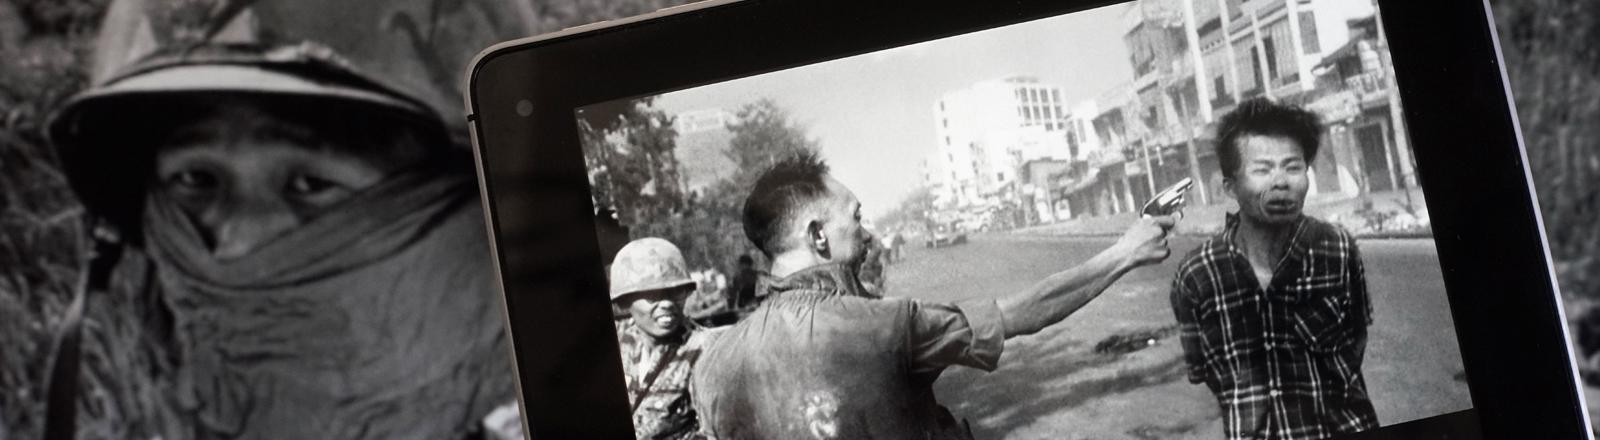 Auf einem iPad wird ein historisches schwarzweiß Foto angeschaut